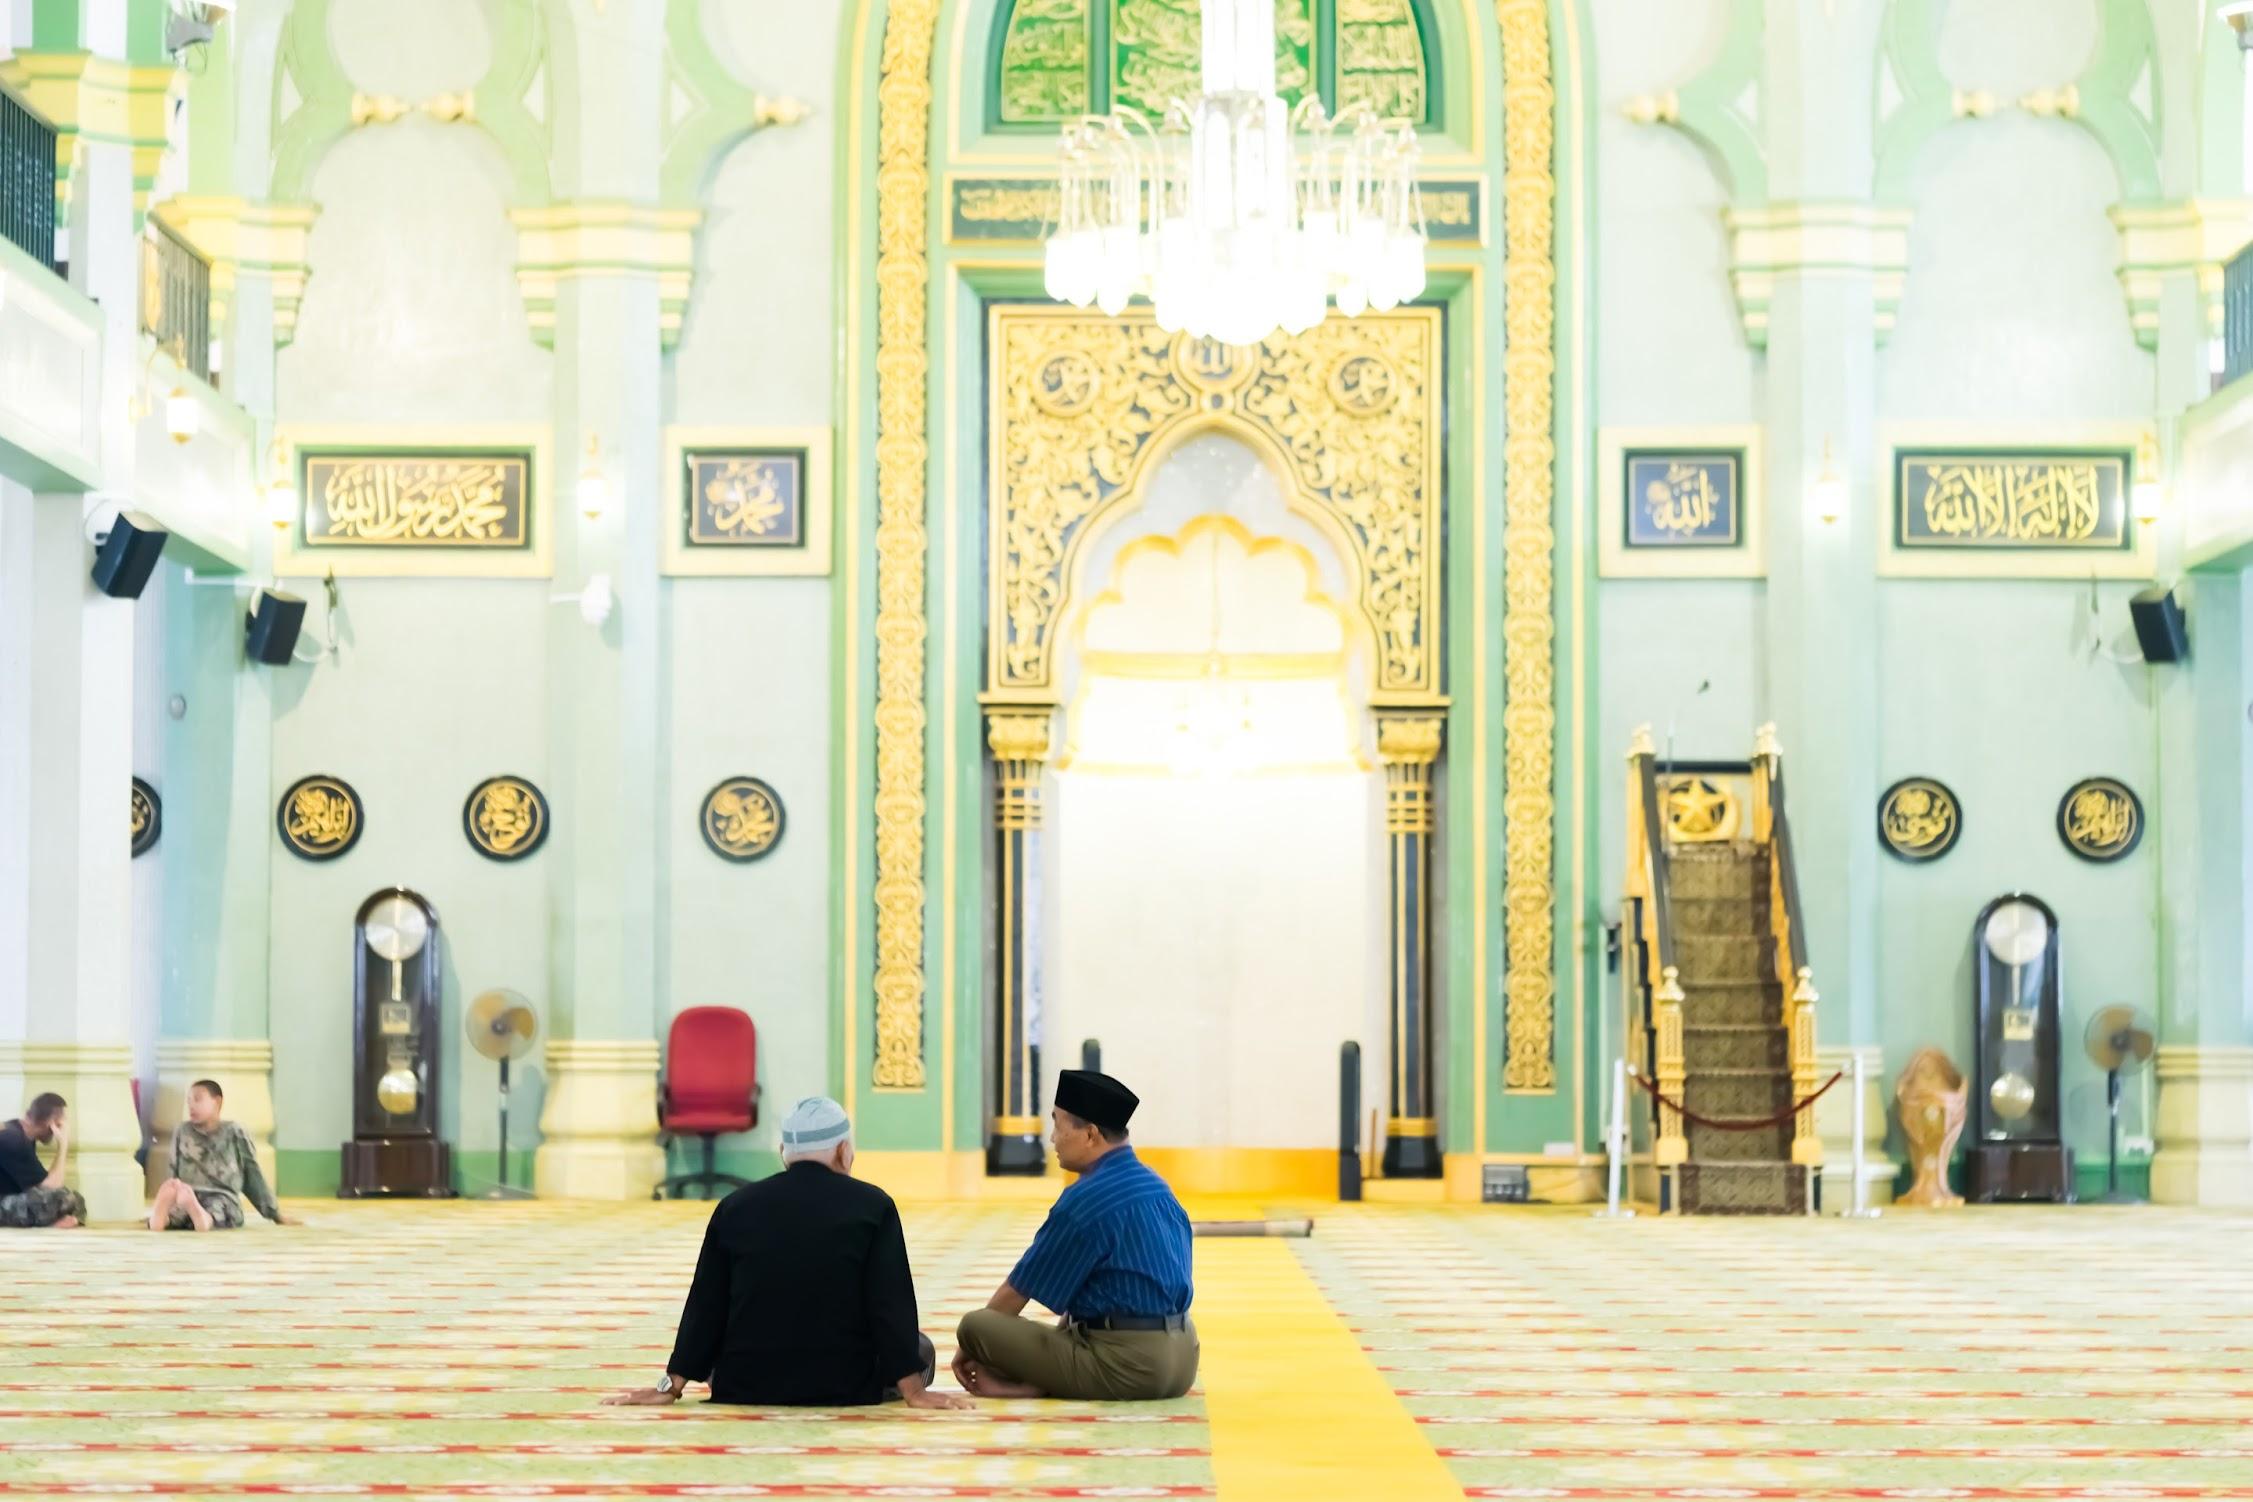 シンガポール サルタン・モスク3